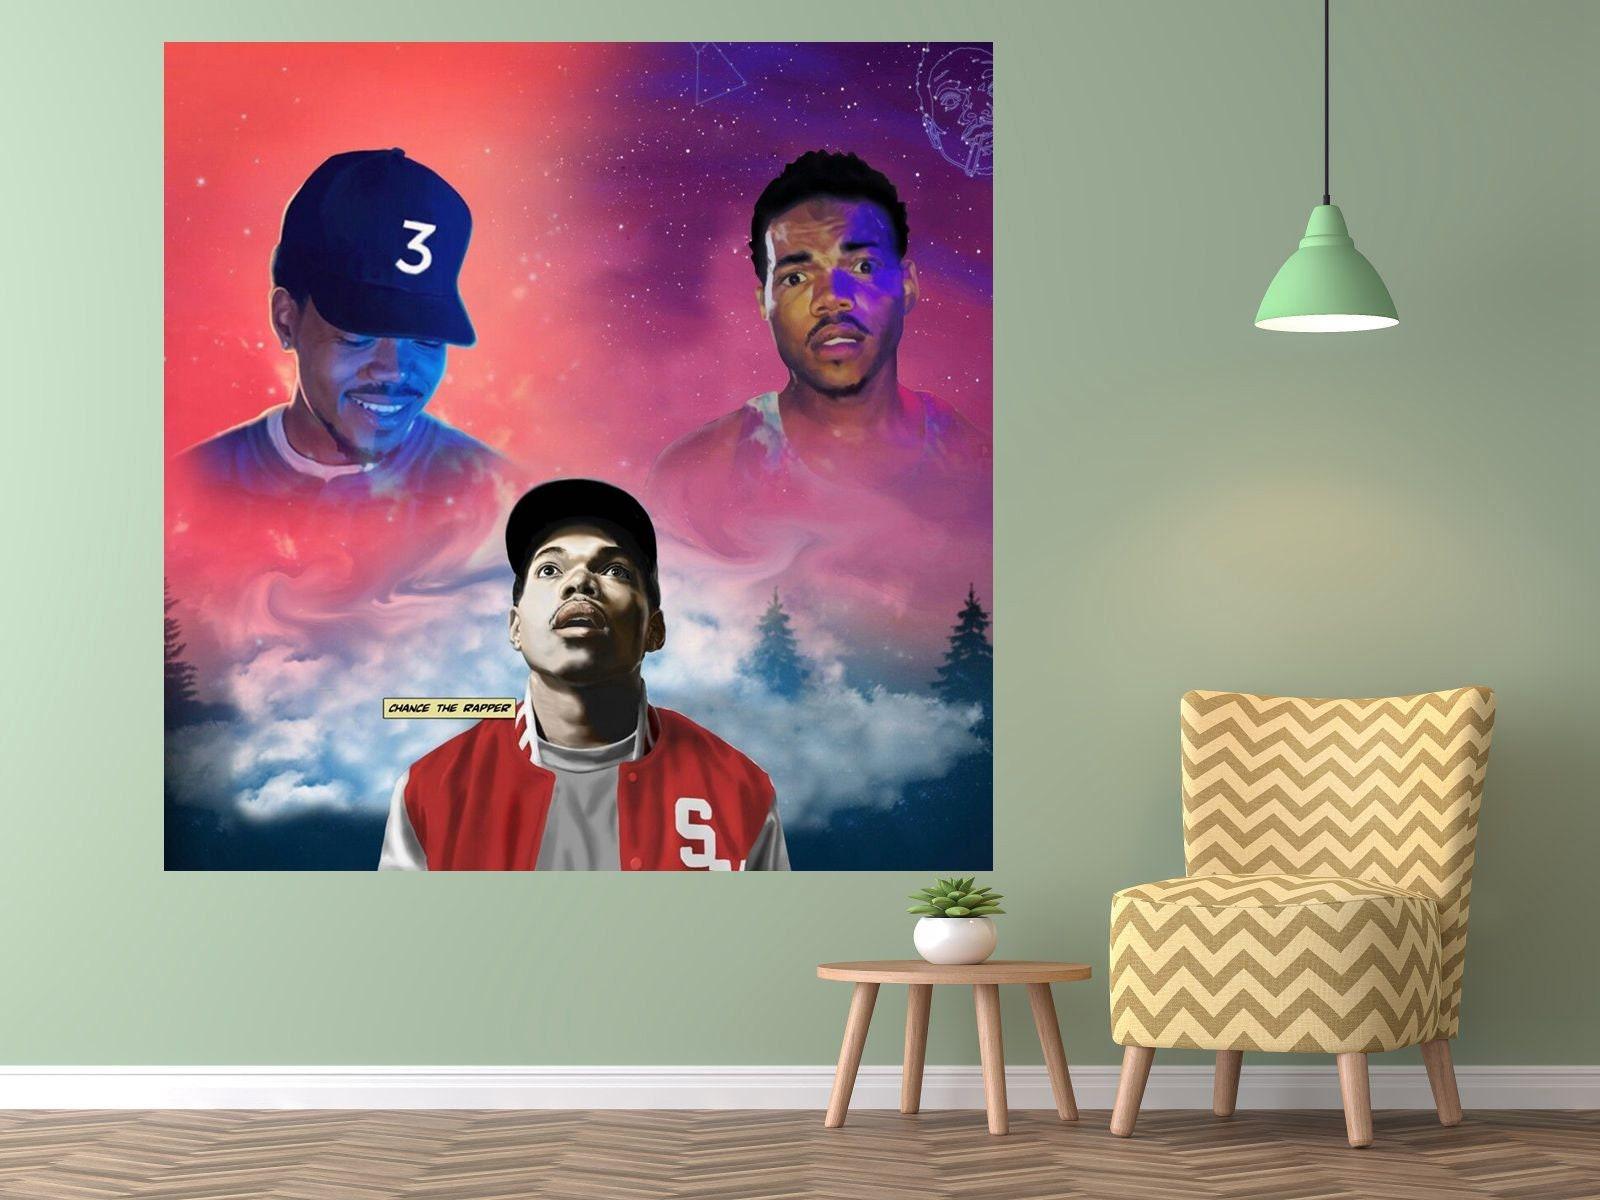 b992e4f61fc2 Chance the Rapper Acidrap 10 Day Coloring Book Poster Album